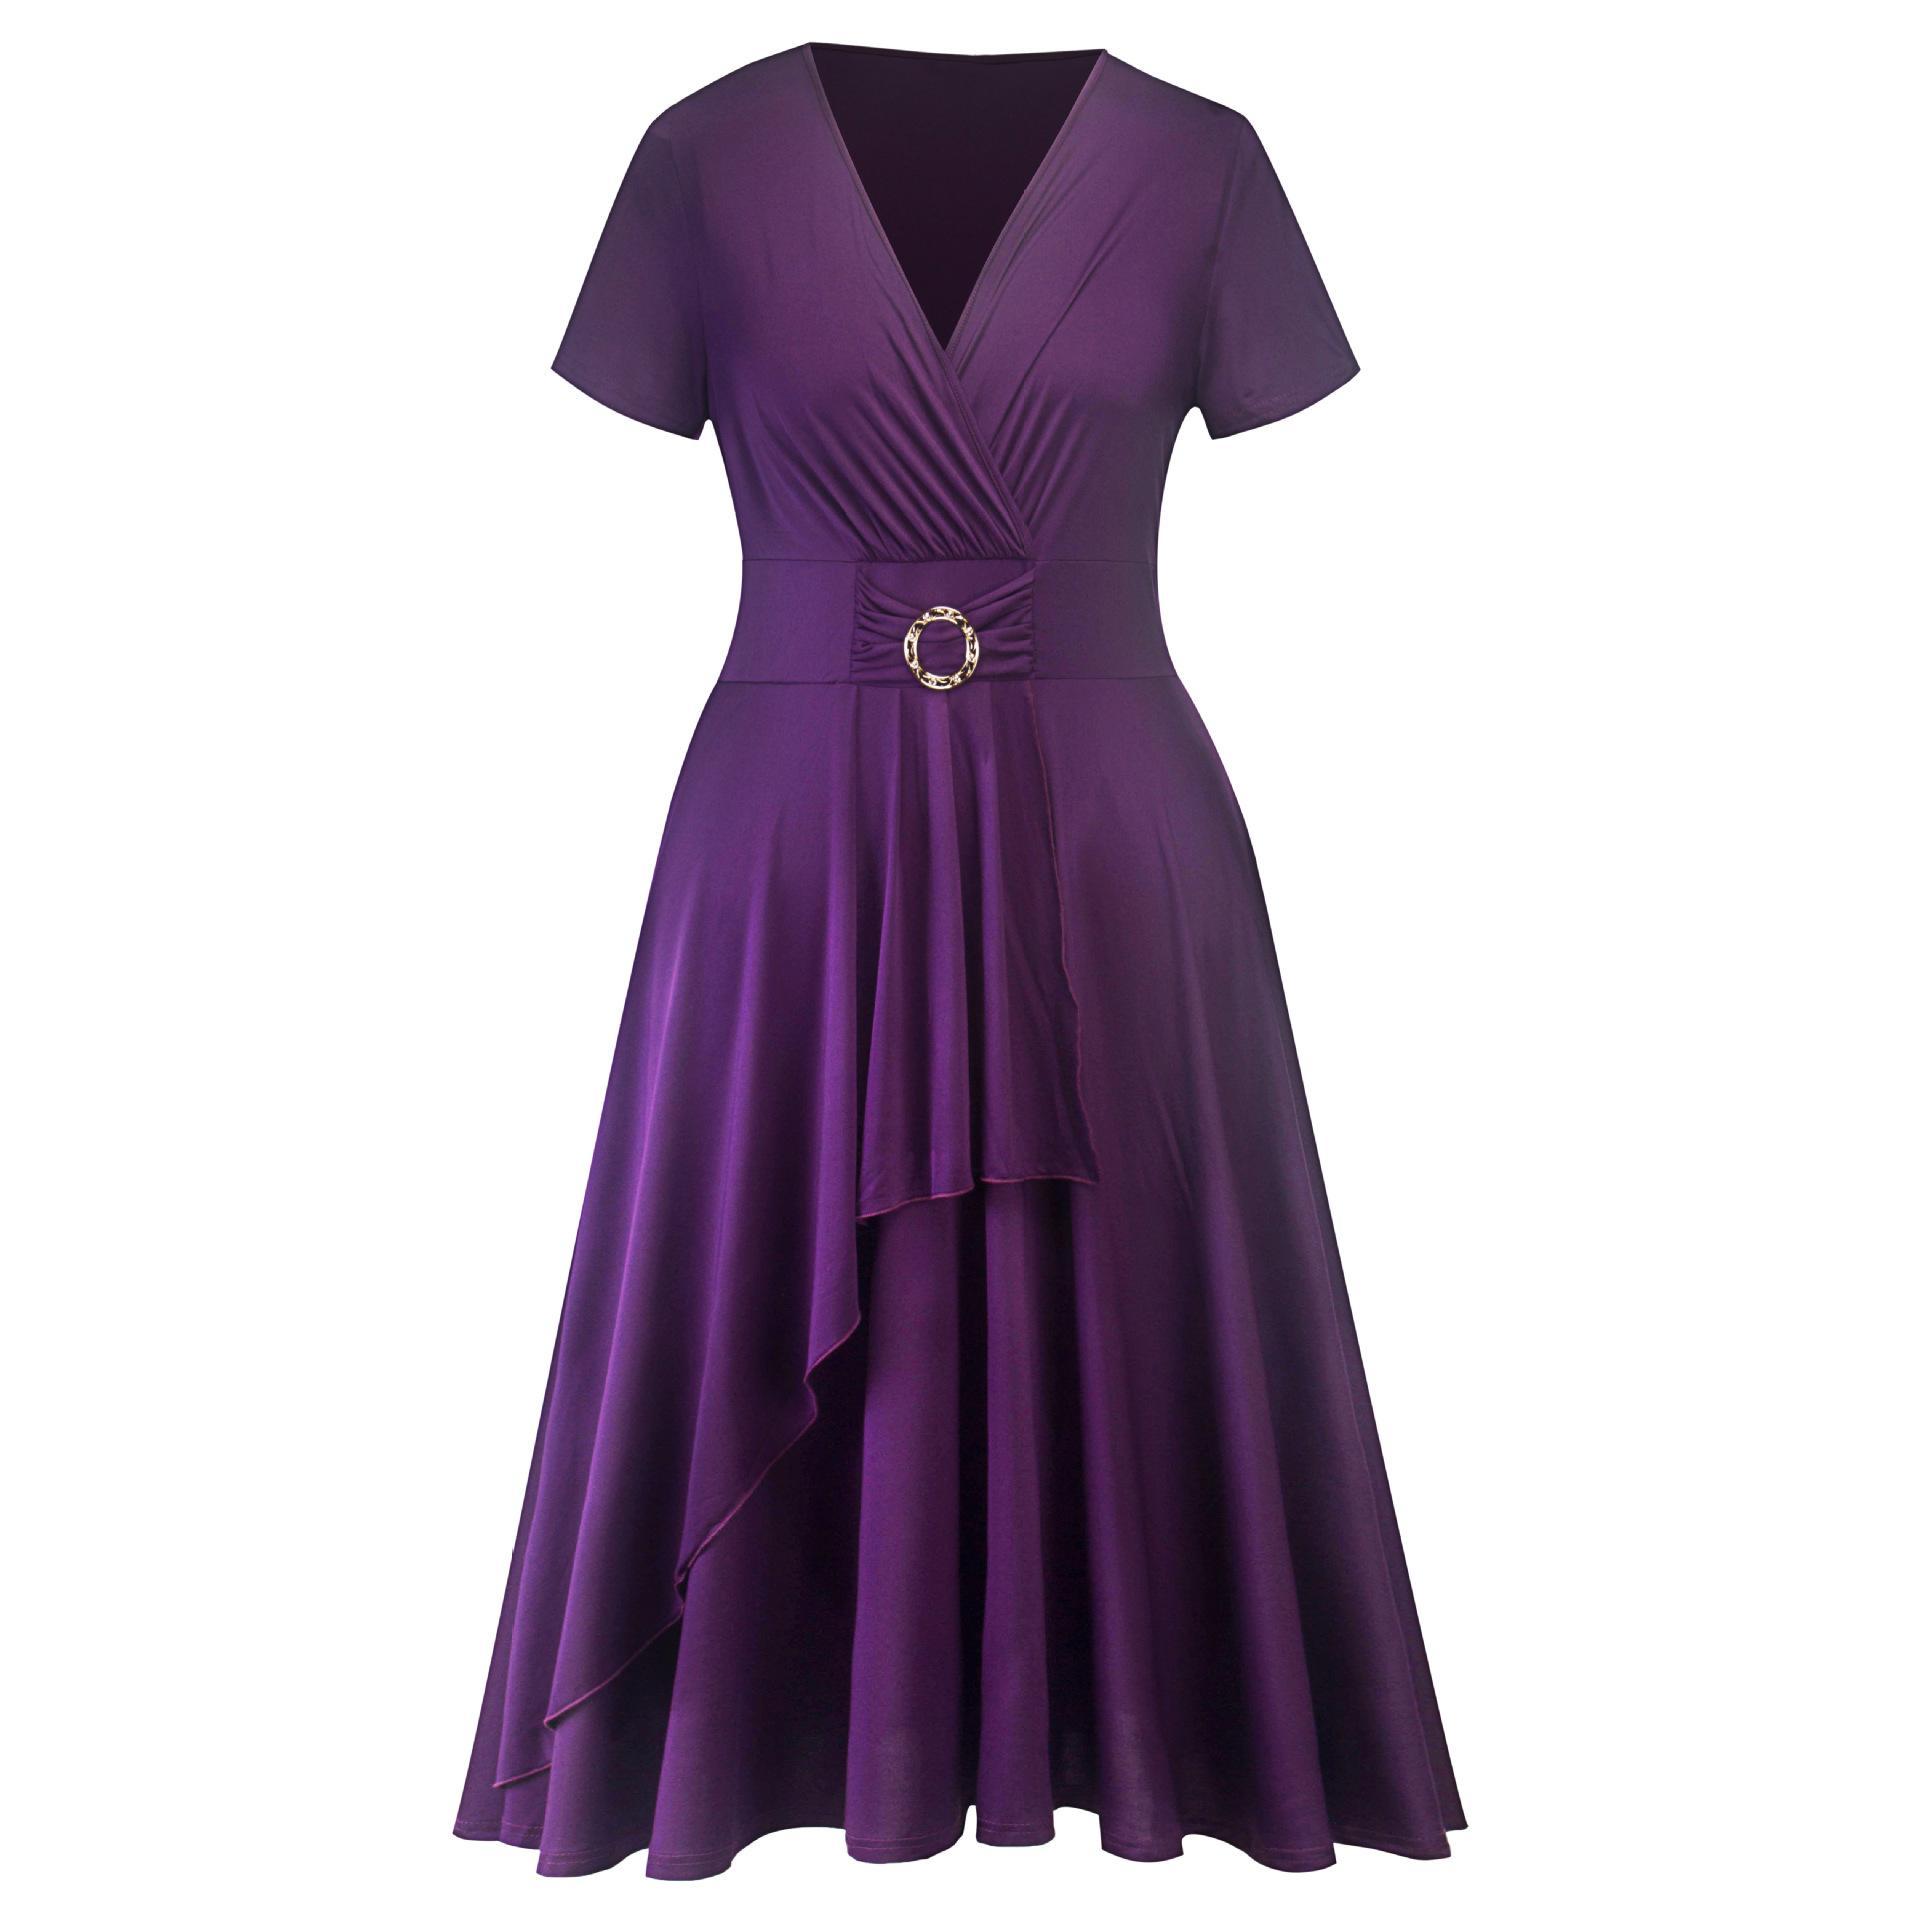 05d03469323 Compre Vestidos Elegantes Para Mujer BARATO Tallas Grandes Vestidos Mediana  Edad Mujeres Moda Fes Negro Púrpura Con Botón Cintura A  24.63 Del Sarmit  ...